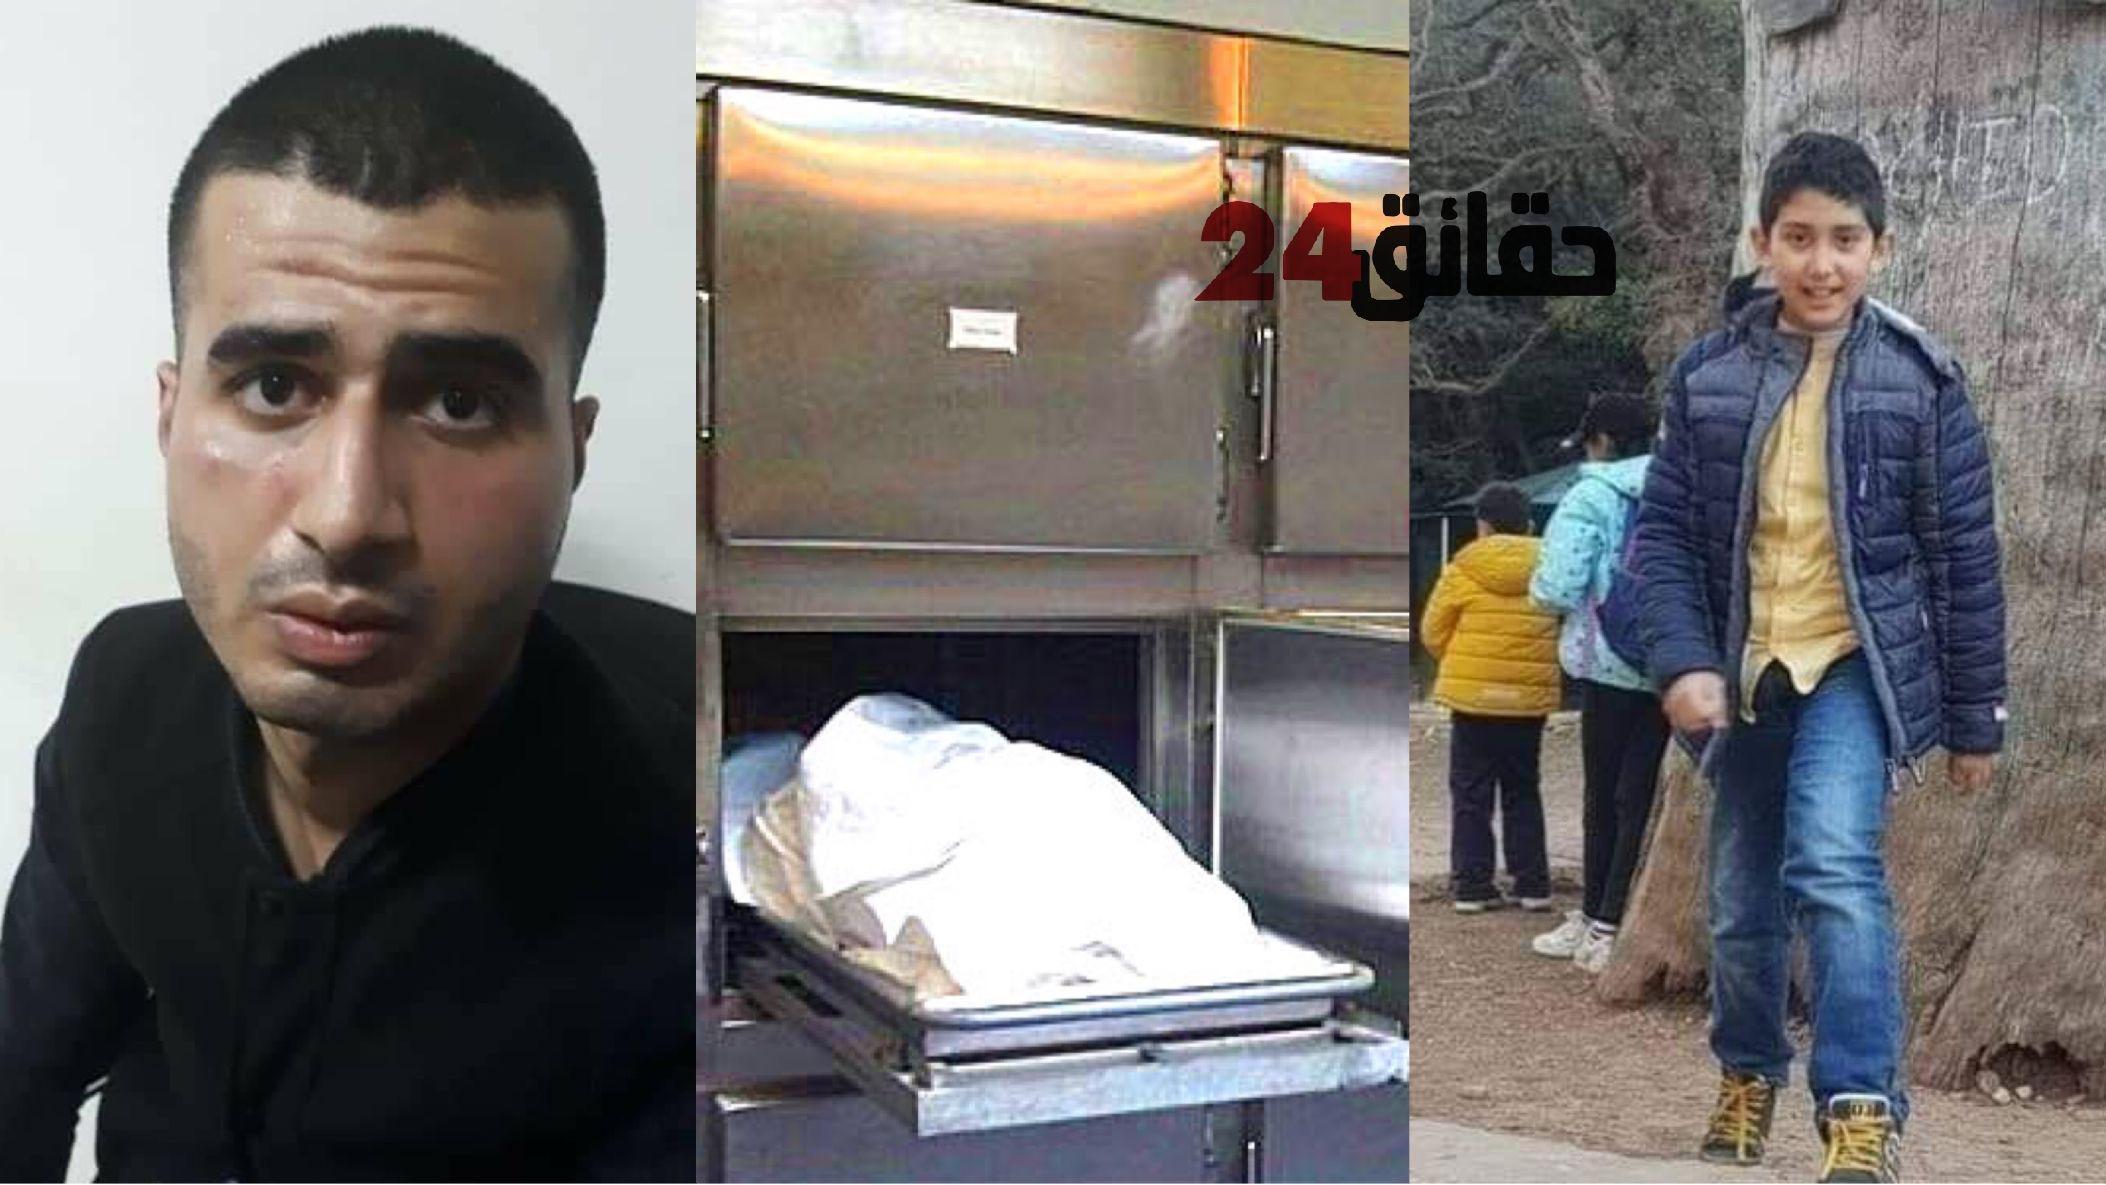 """صورة جدة """"عدنان"""" تموت كمدا عليه و طنجويون يطلقون حملة مليونية لإعدام الجاني"""